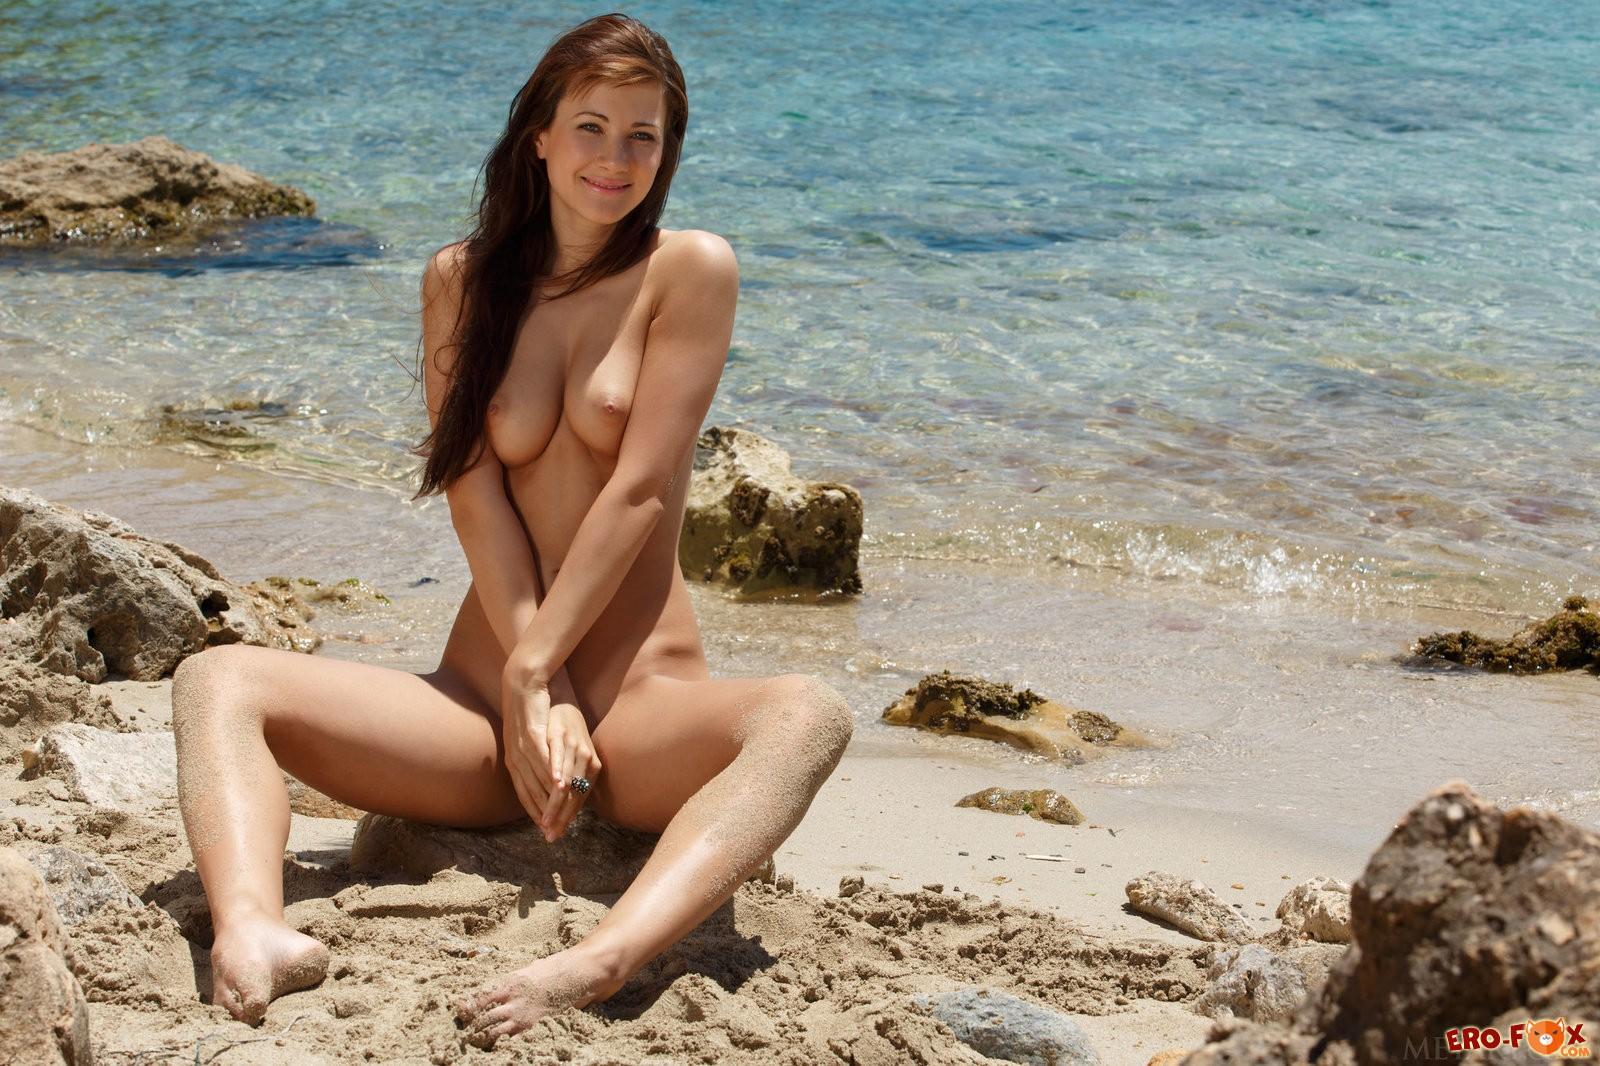 Голая тётя показала прелести на пляже .